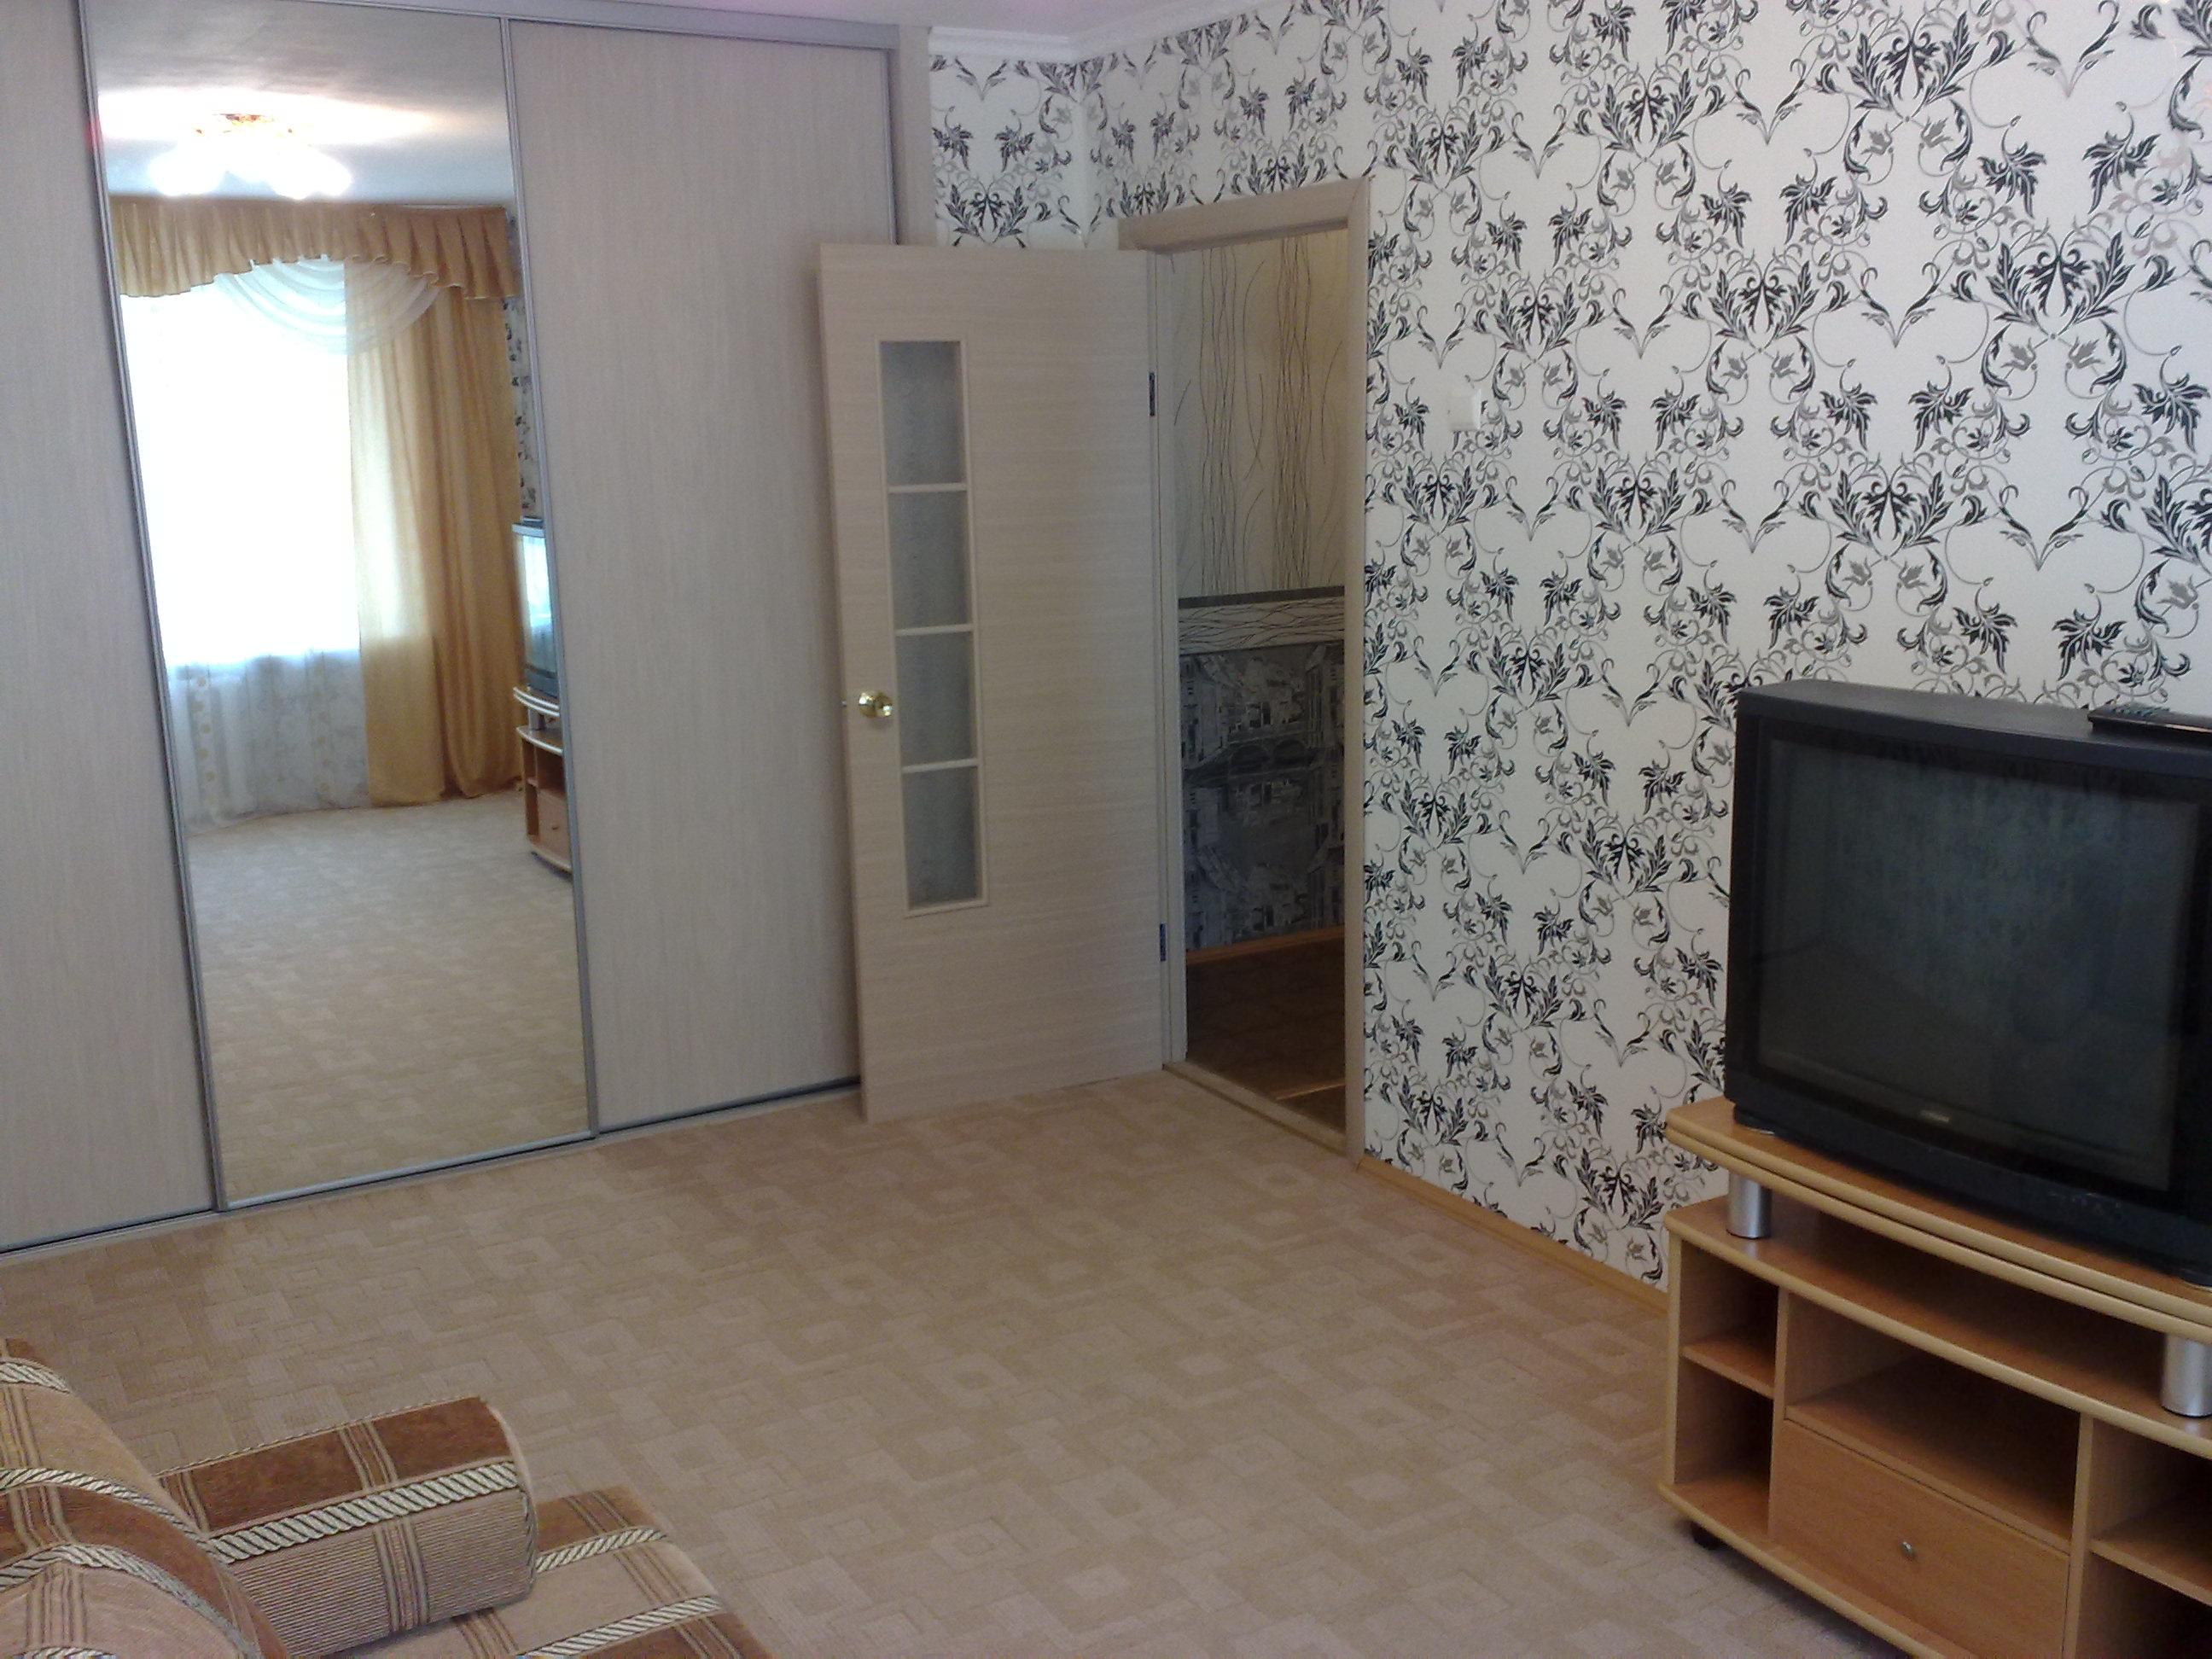 Сниму комнату с геем 6 фотография